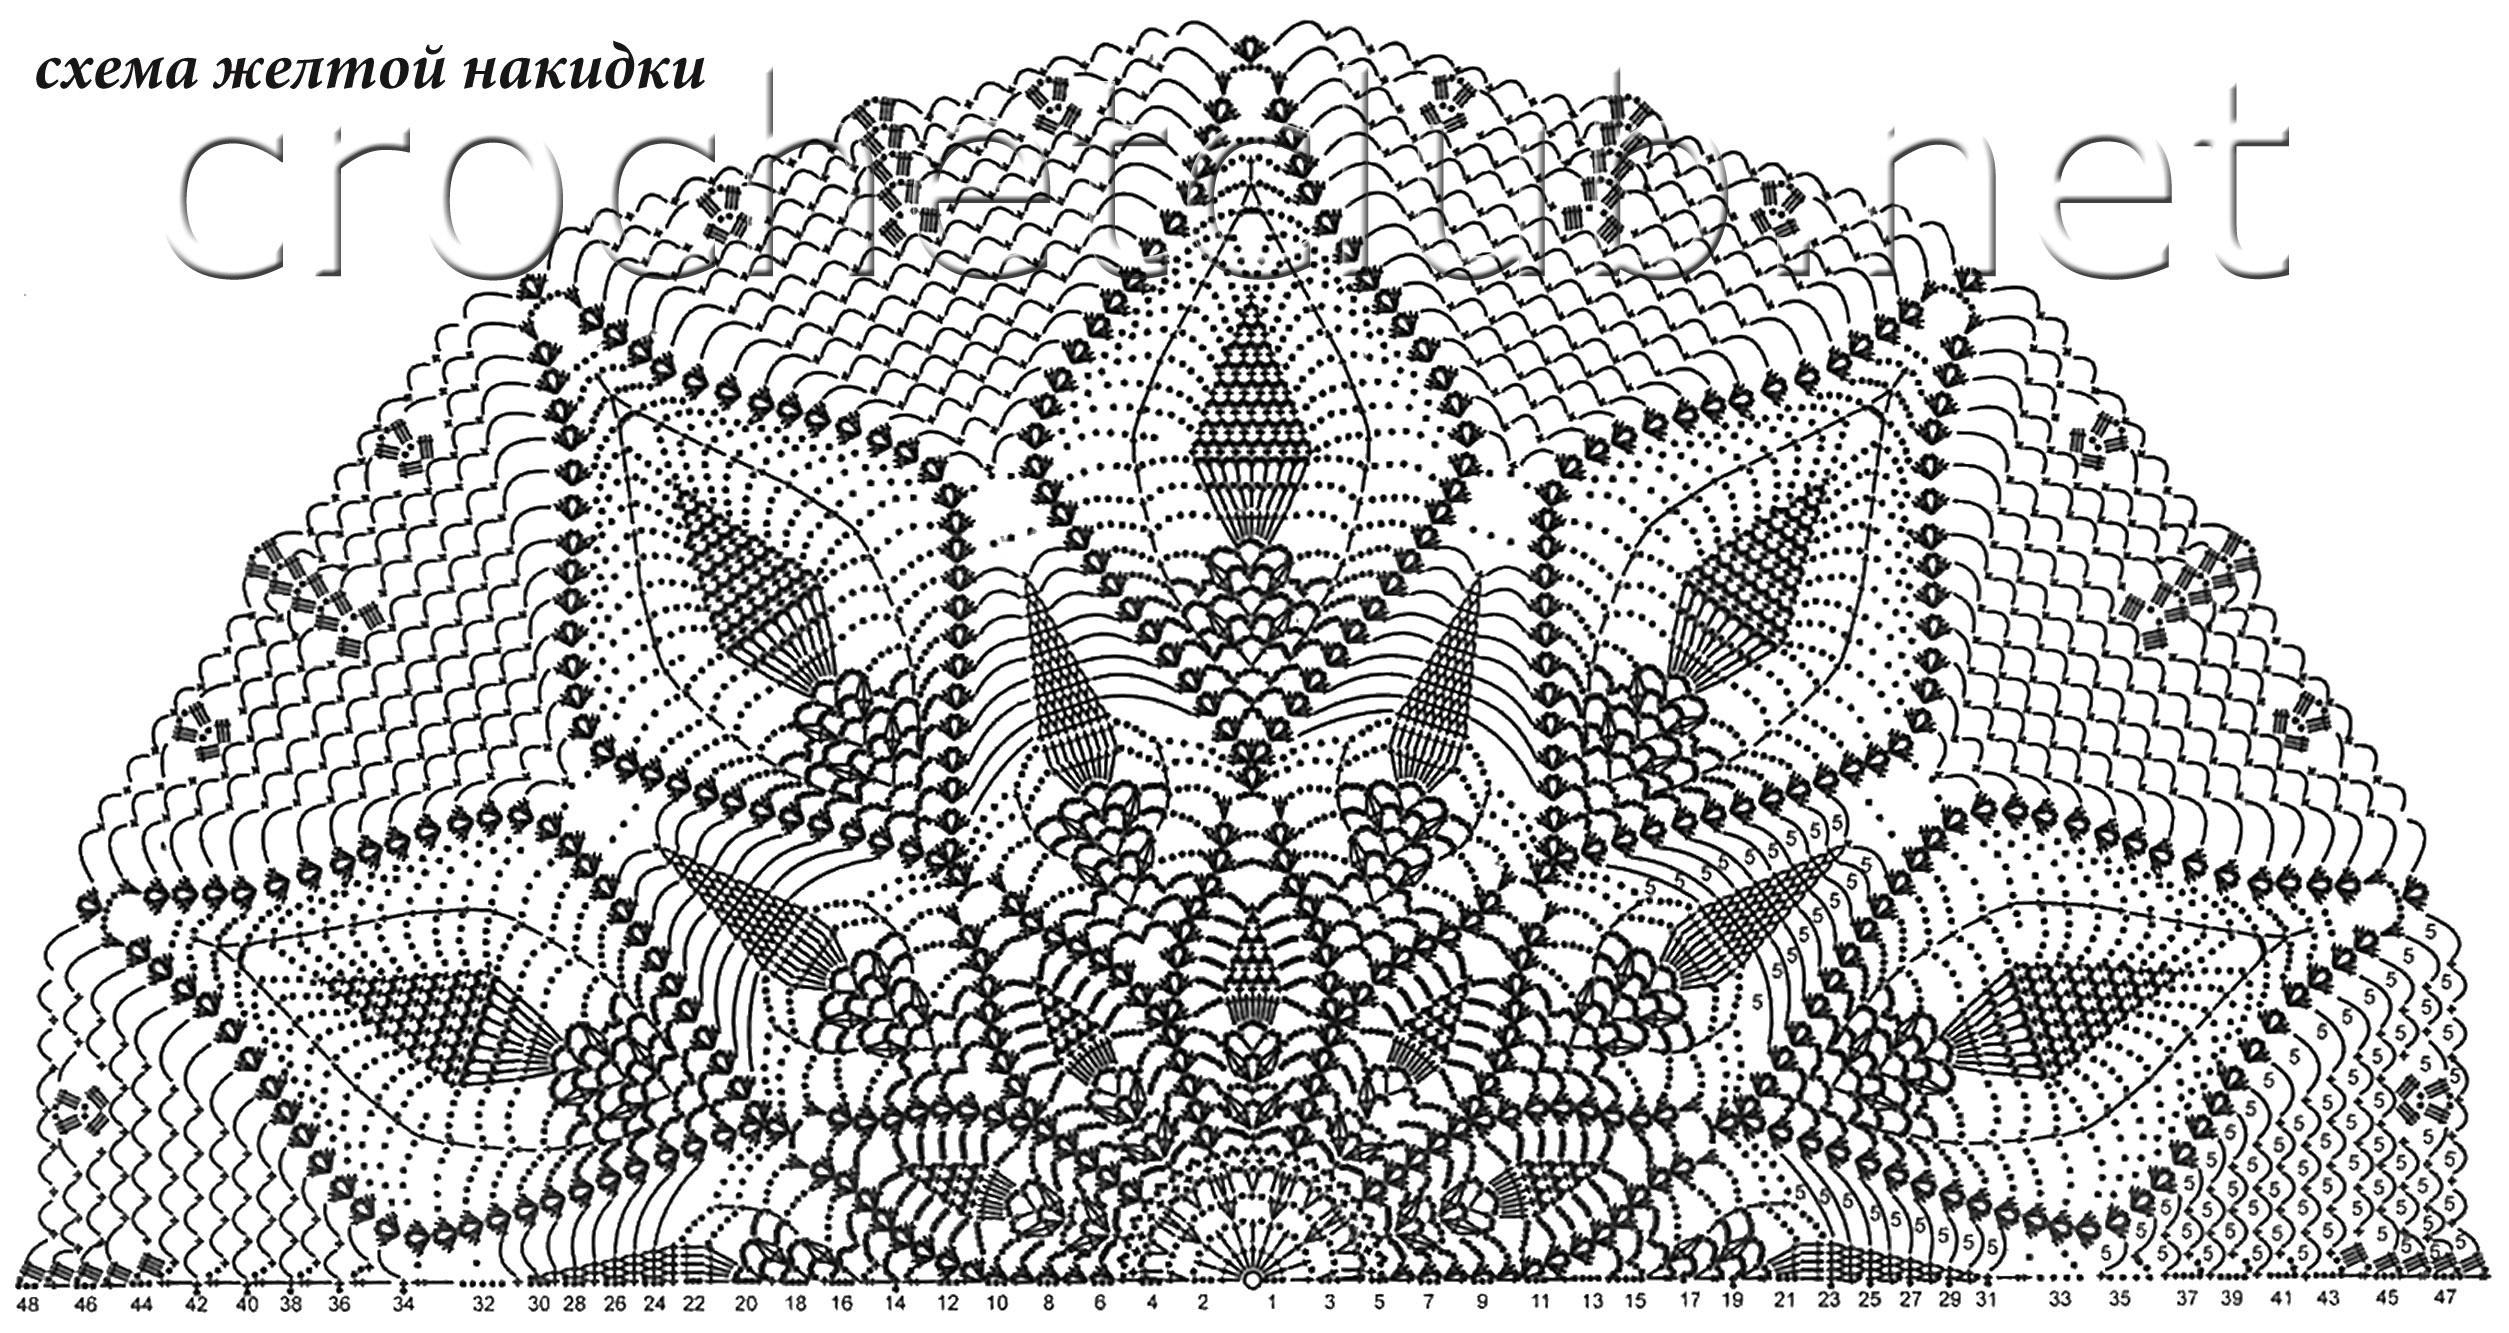 Мои милые дамы.  Сегодня для вас подборка налей и палантинов, связанных крючком. http://crochetclub.net/blog...